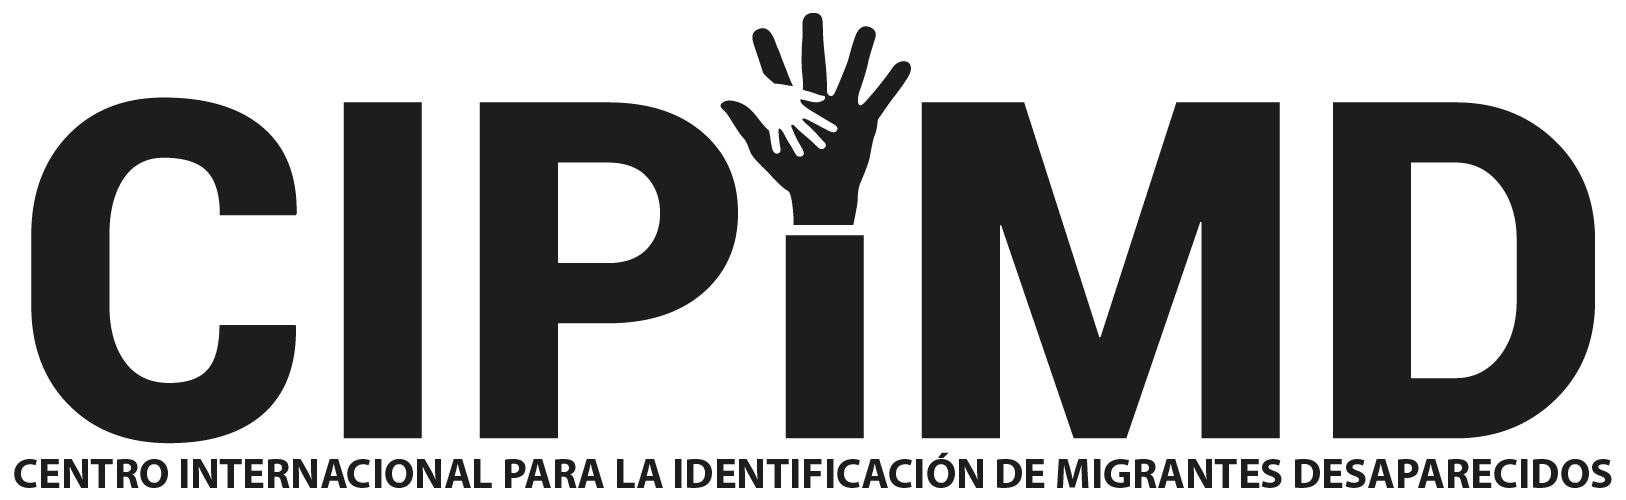 CENTRO INTERNACIONAL PARA LA IDENTIFICACIÓN DE MIGRANTES DESAPARECIDOS